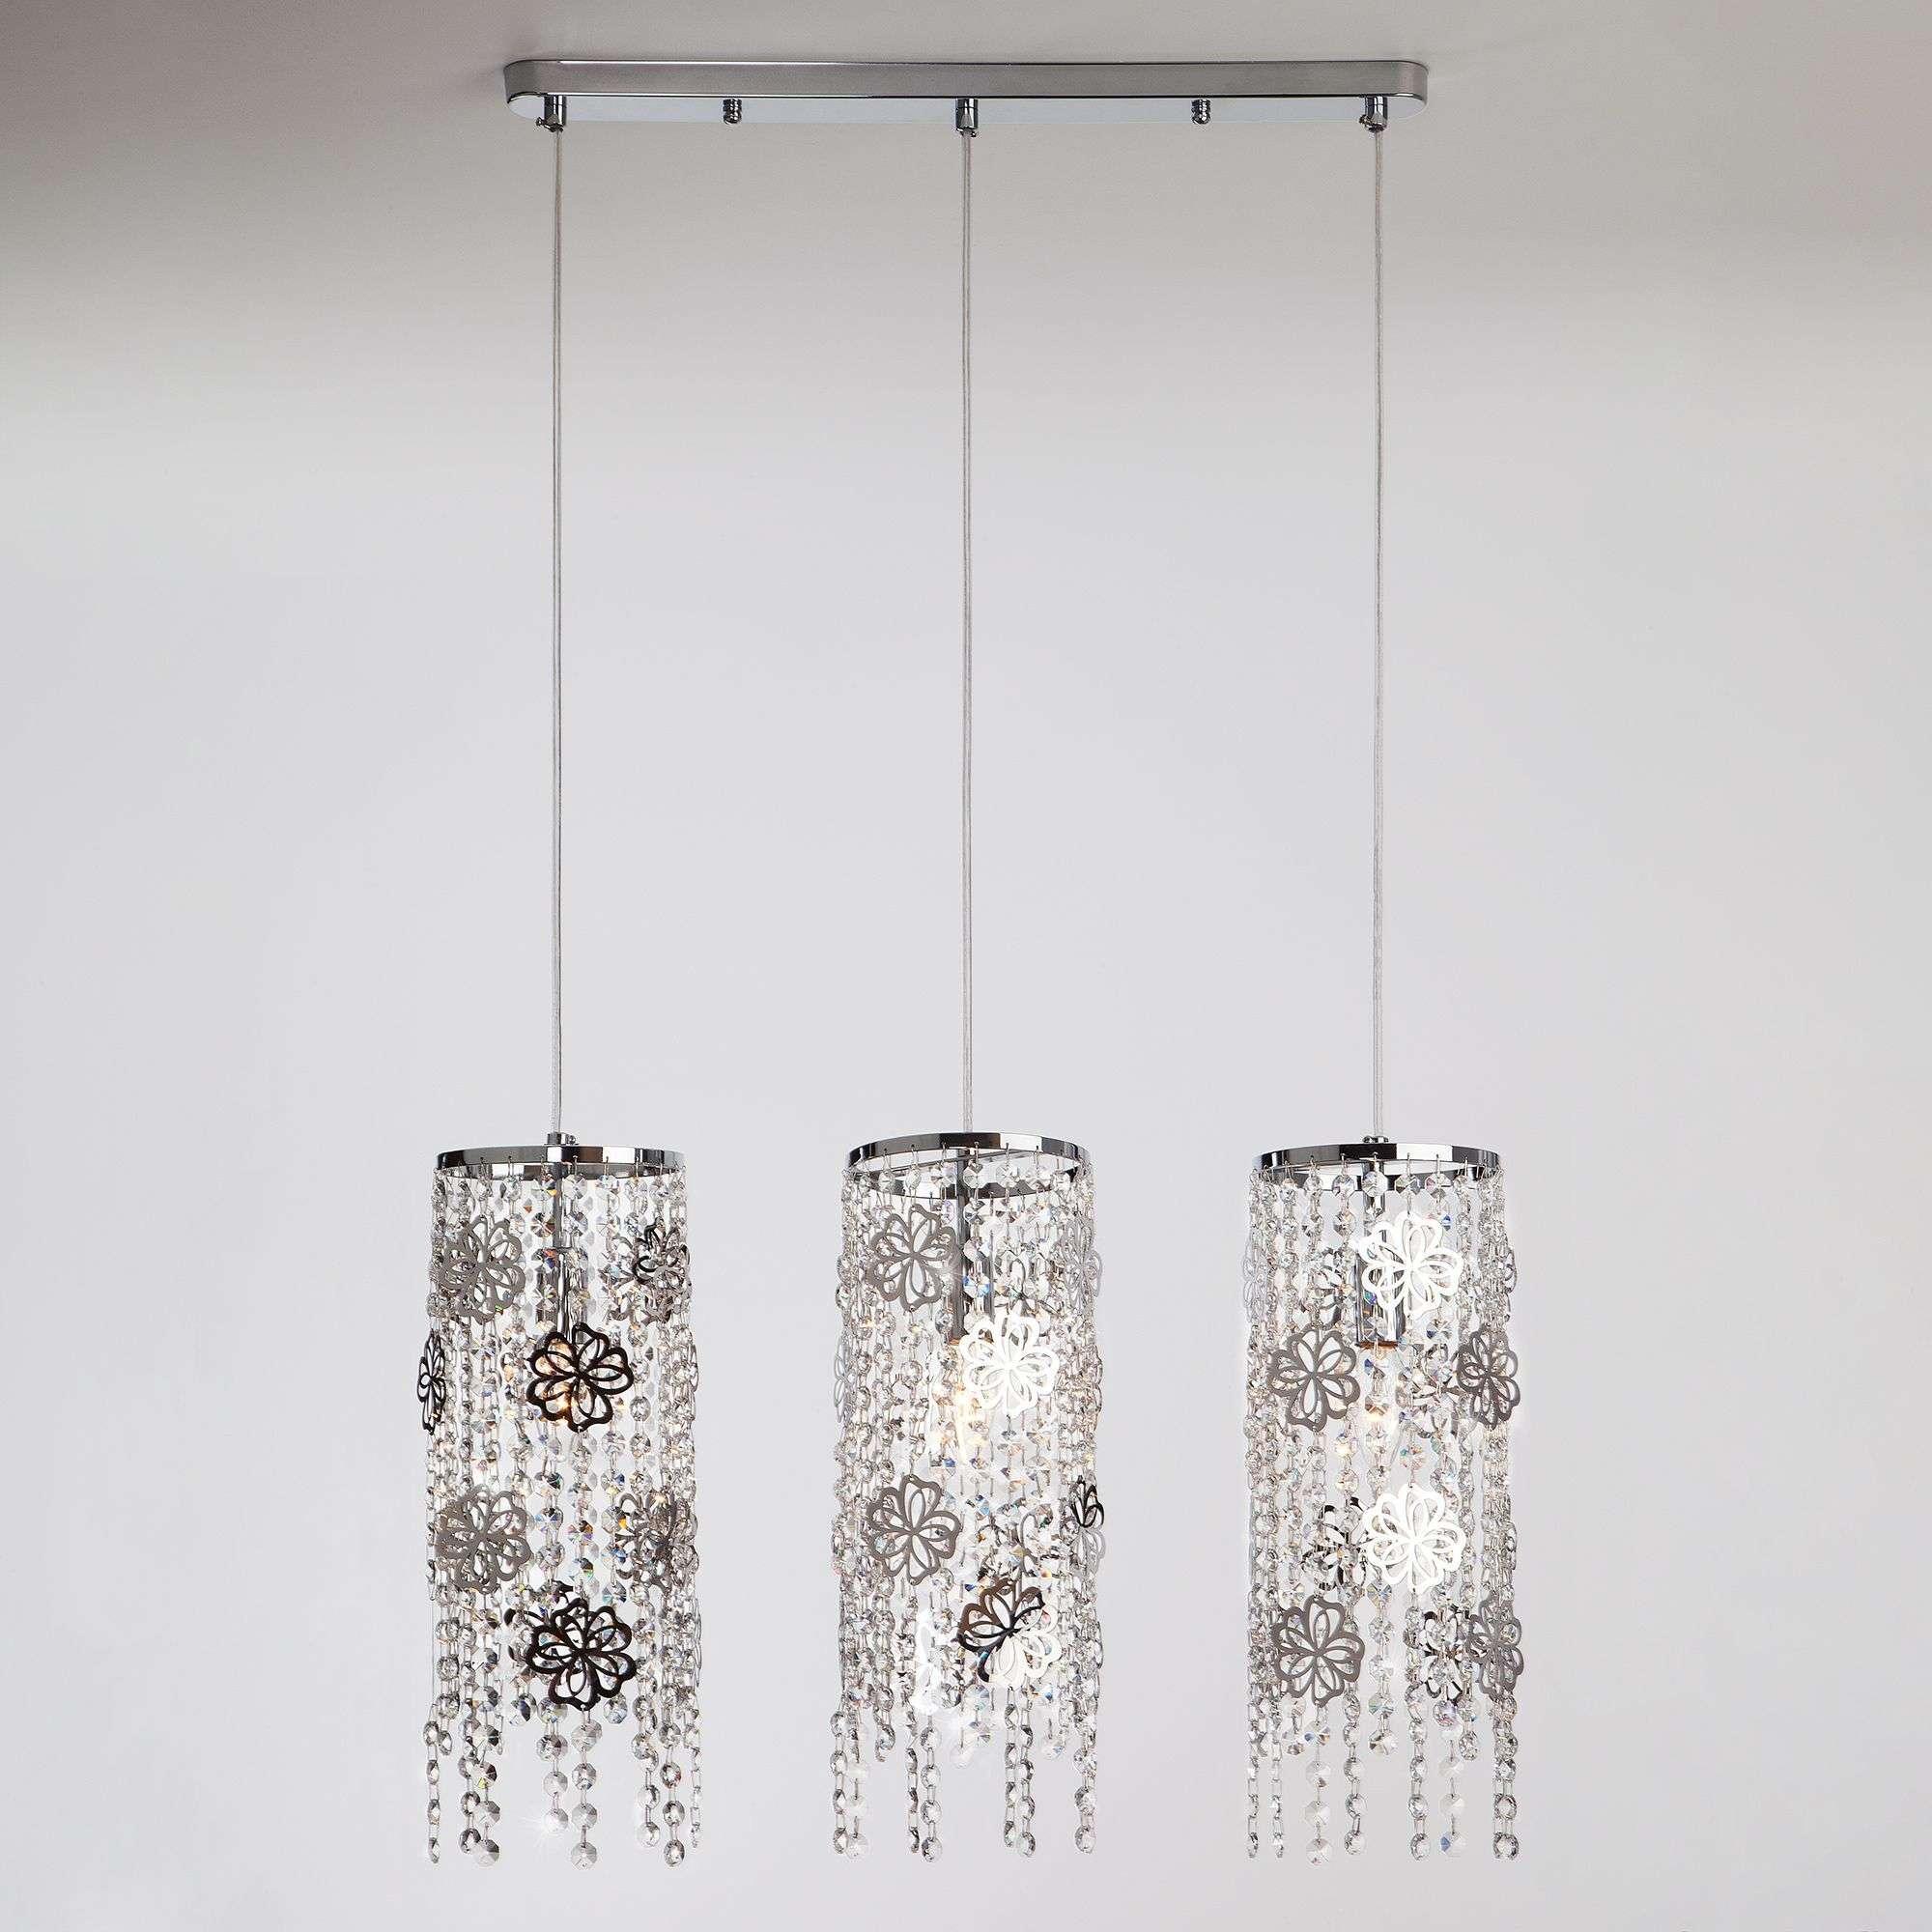 Потолочный подвесной светильник с хрусталем 10083/3 хром / прозрачный хрусталь